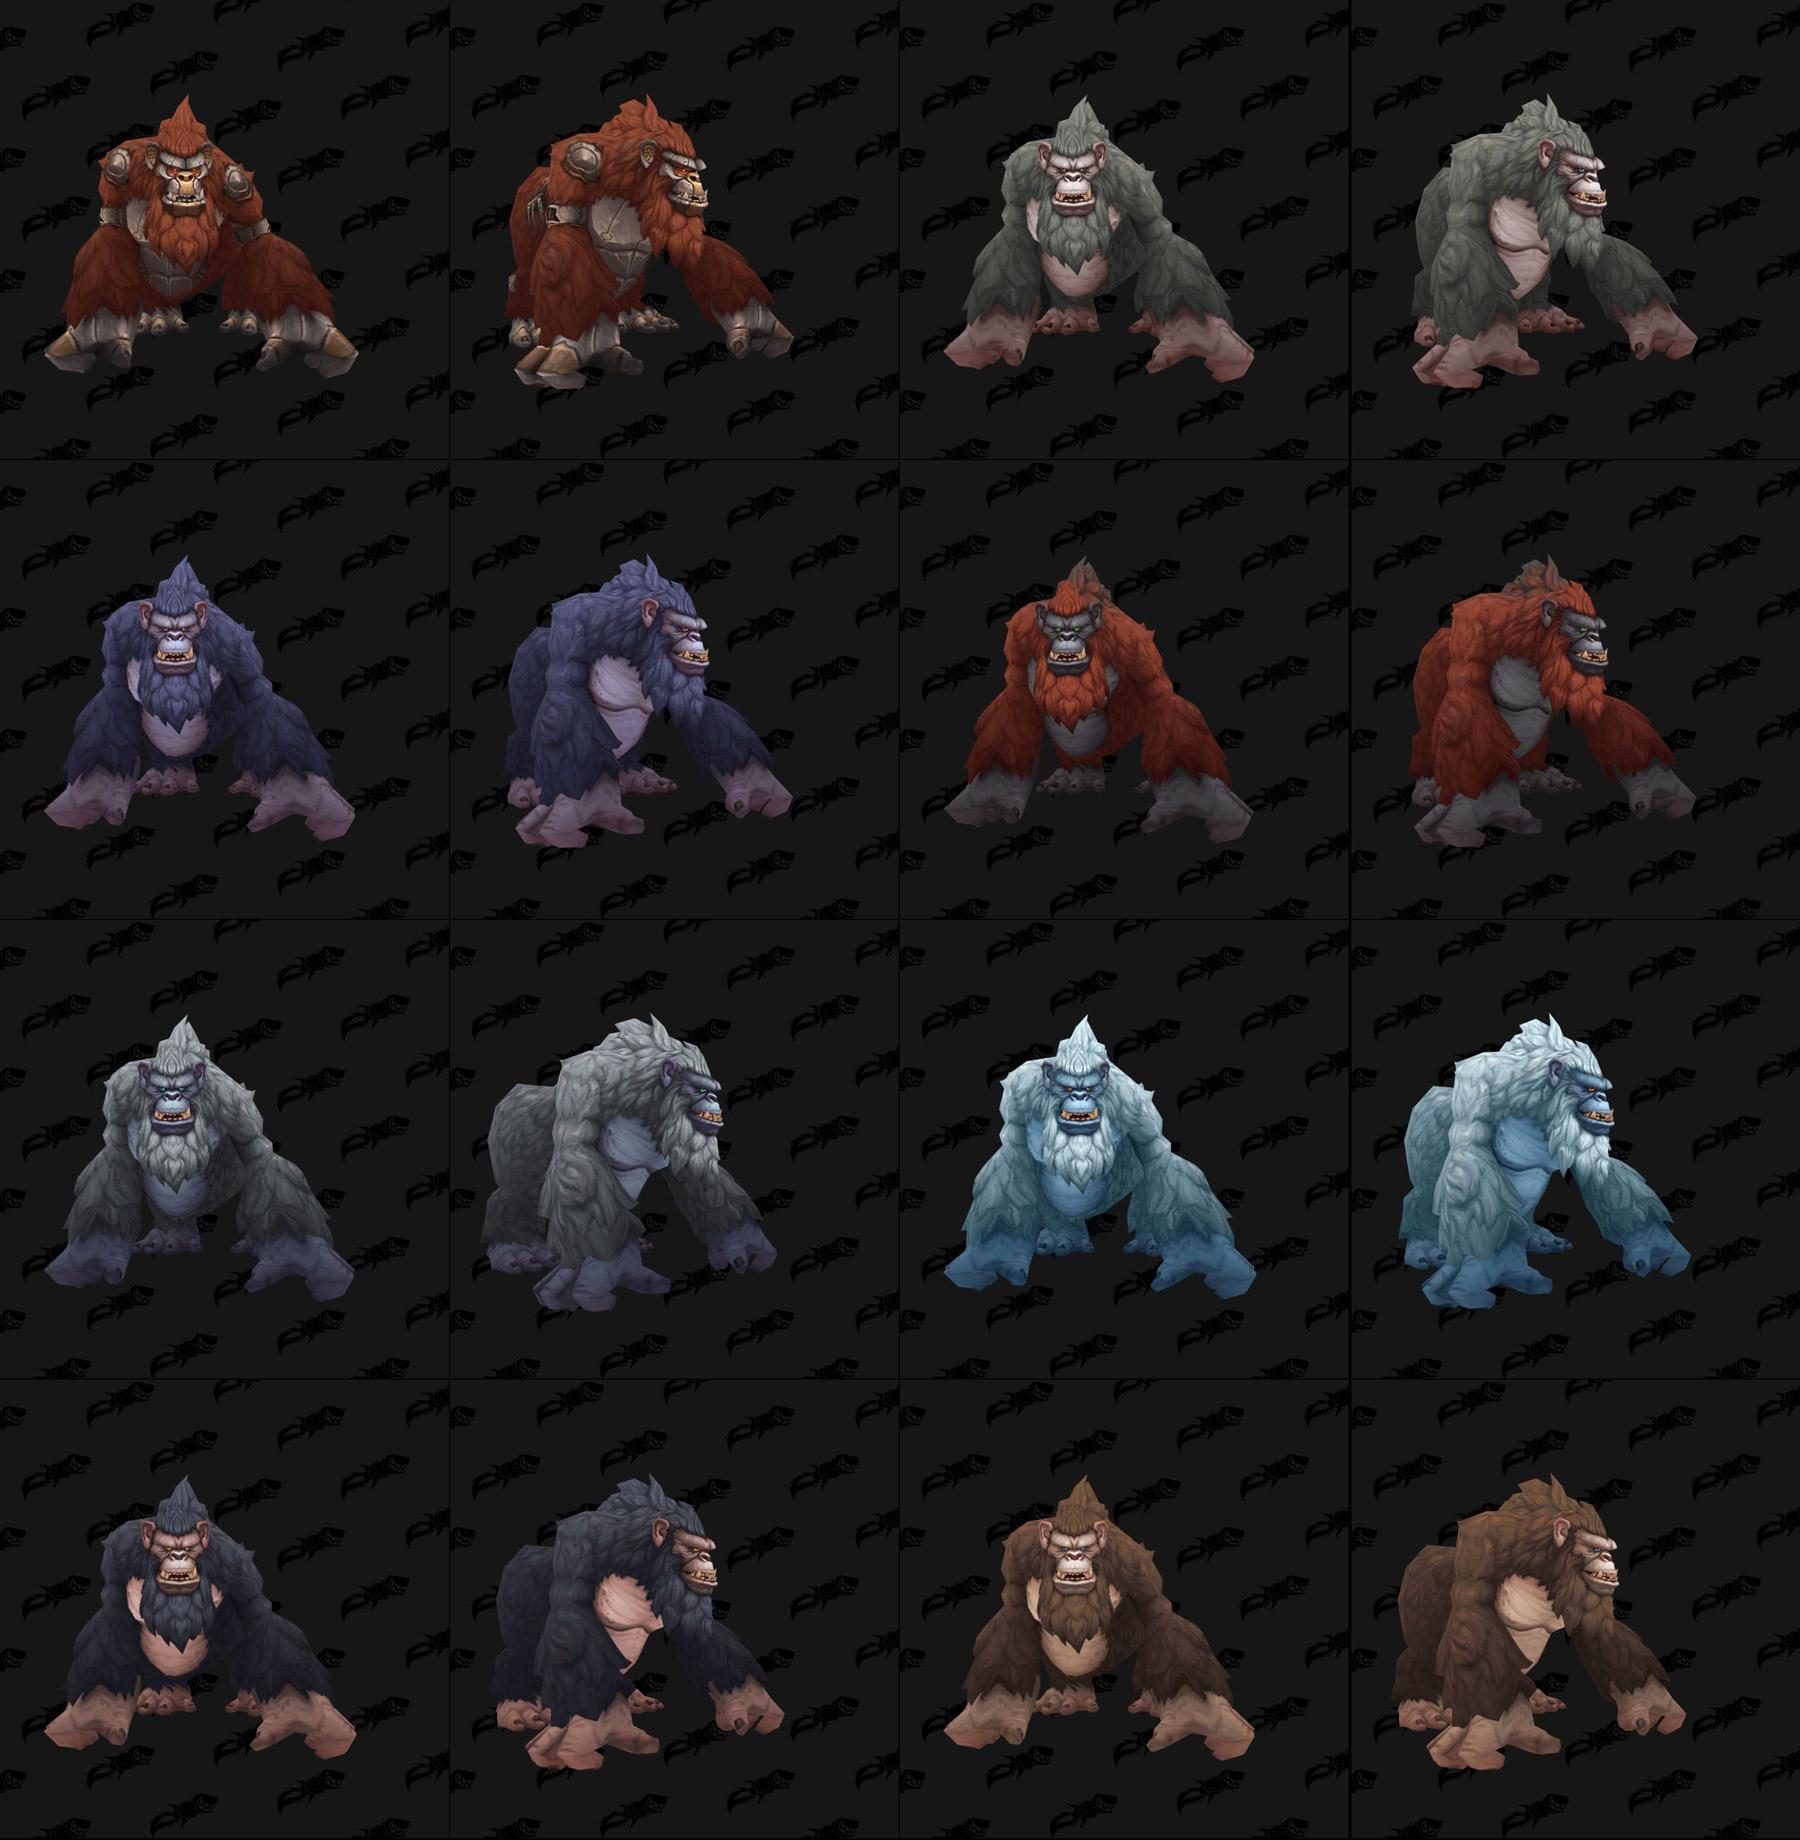 Les différents coloris des modèles de gorilles - Battle for Azeroth